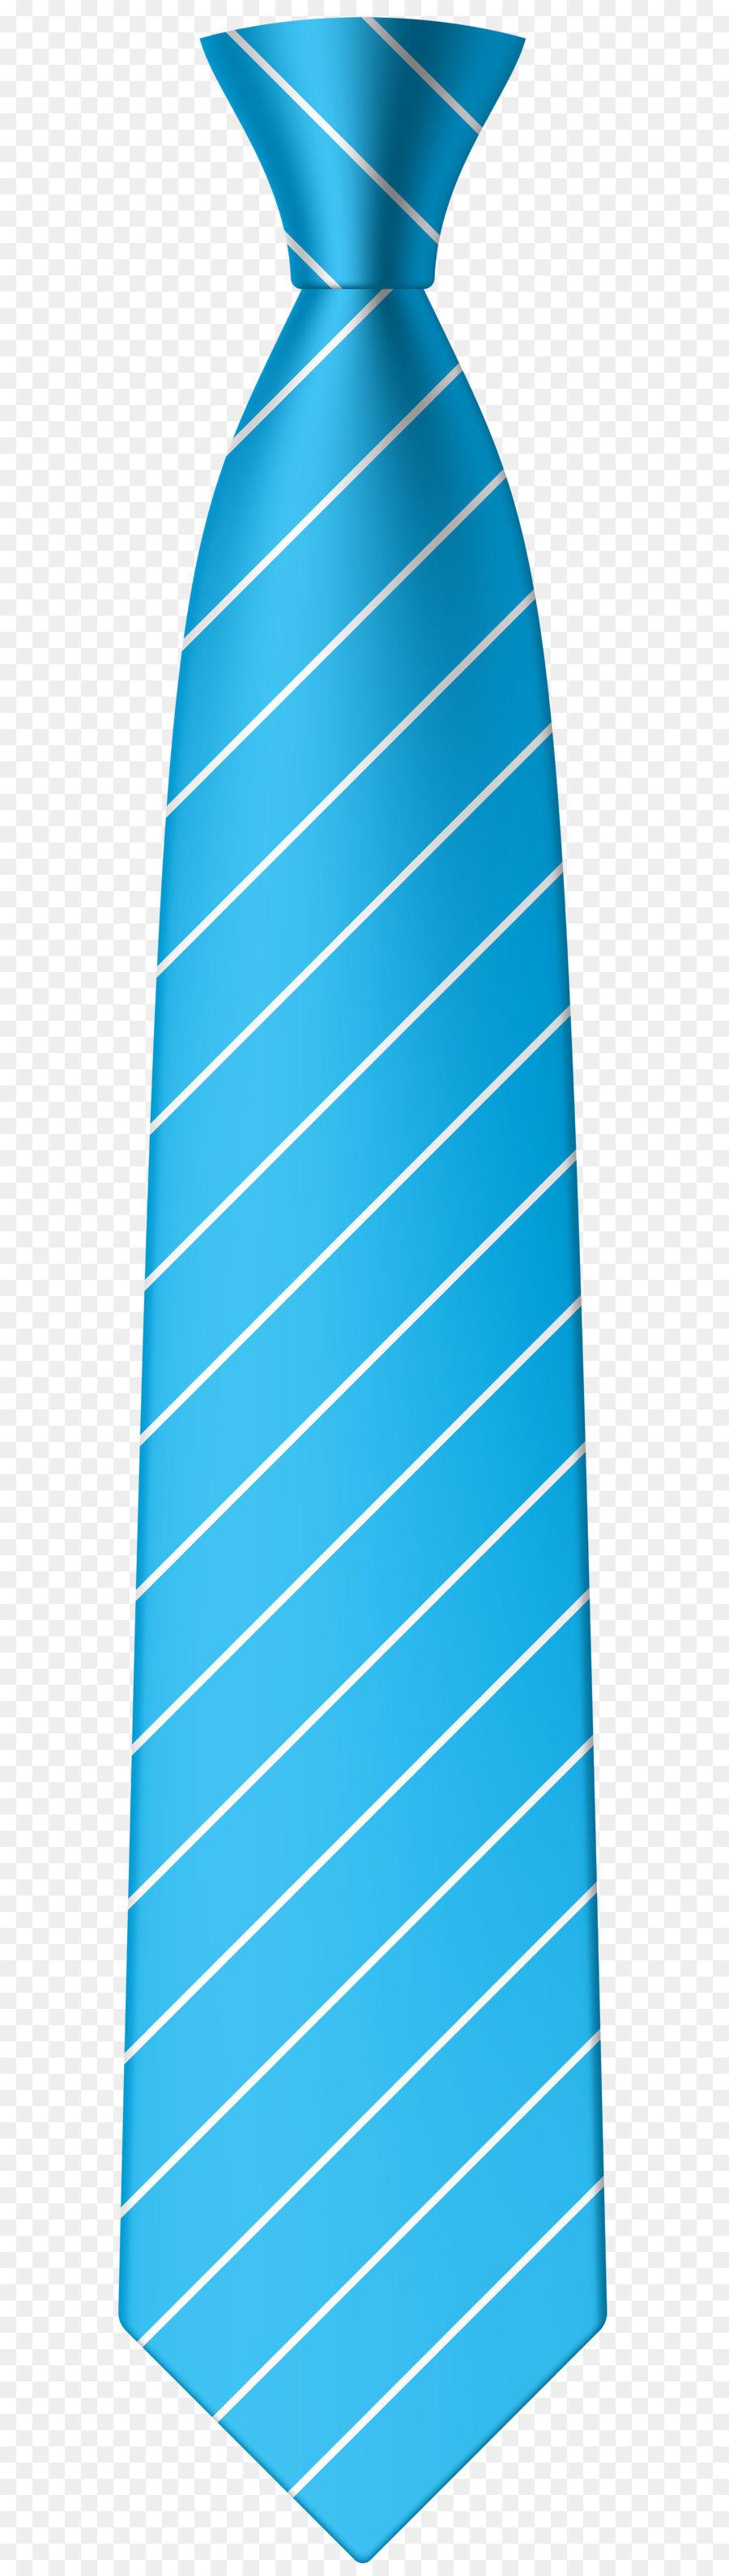 Necktie Tie clip Bow tie Clip art - Blue Tie PNG Clip Art Image - Blue Tie PNG